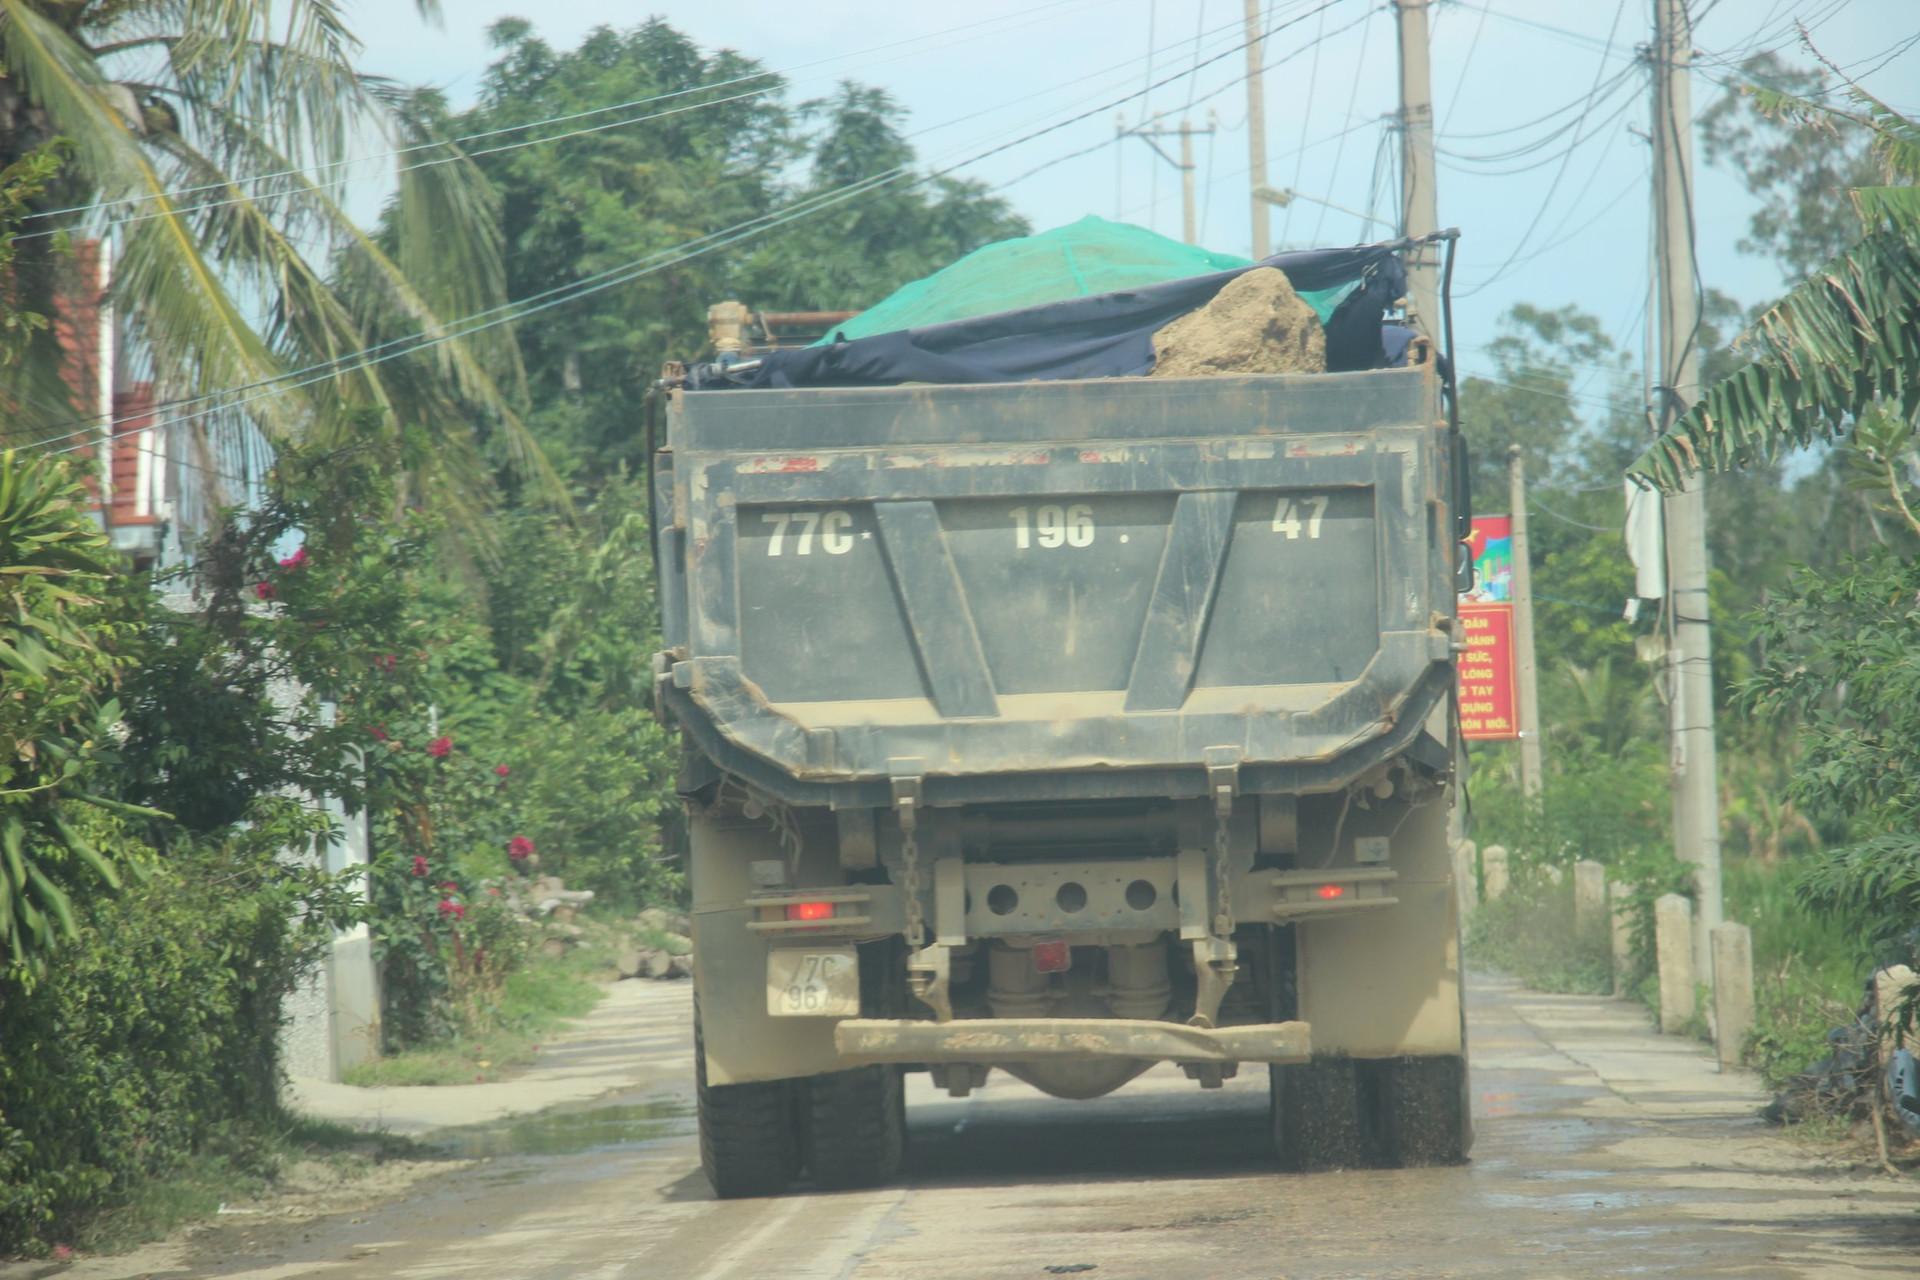 Đá suýt rơi ra khỏi thùng xe gây nguy hiểm cho người đi đường.